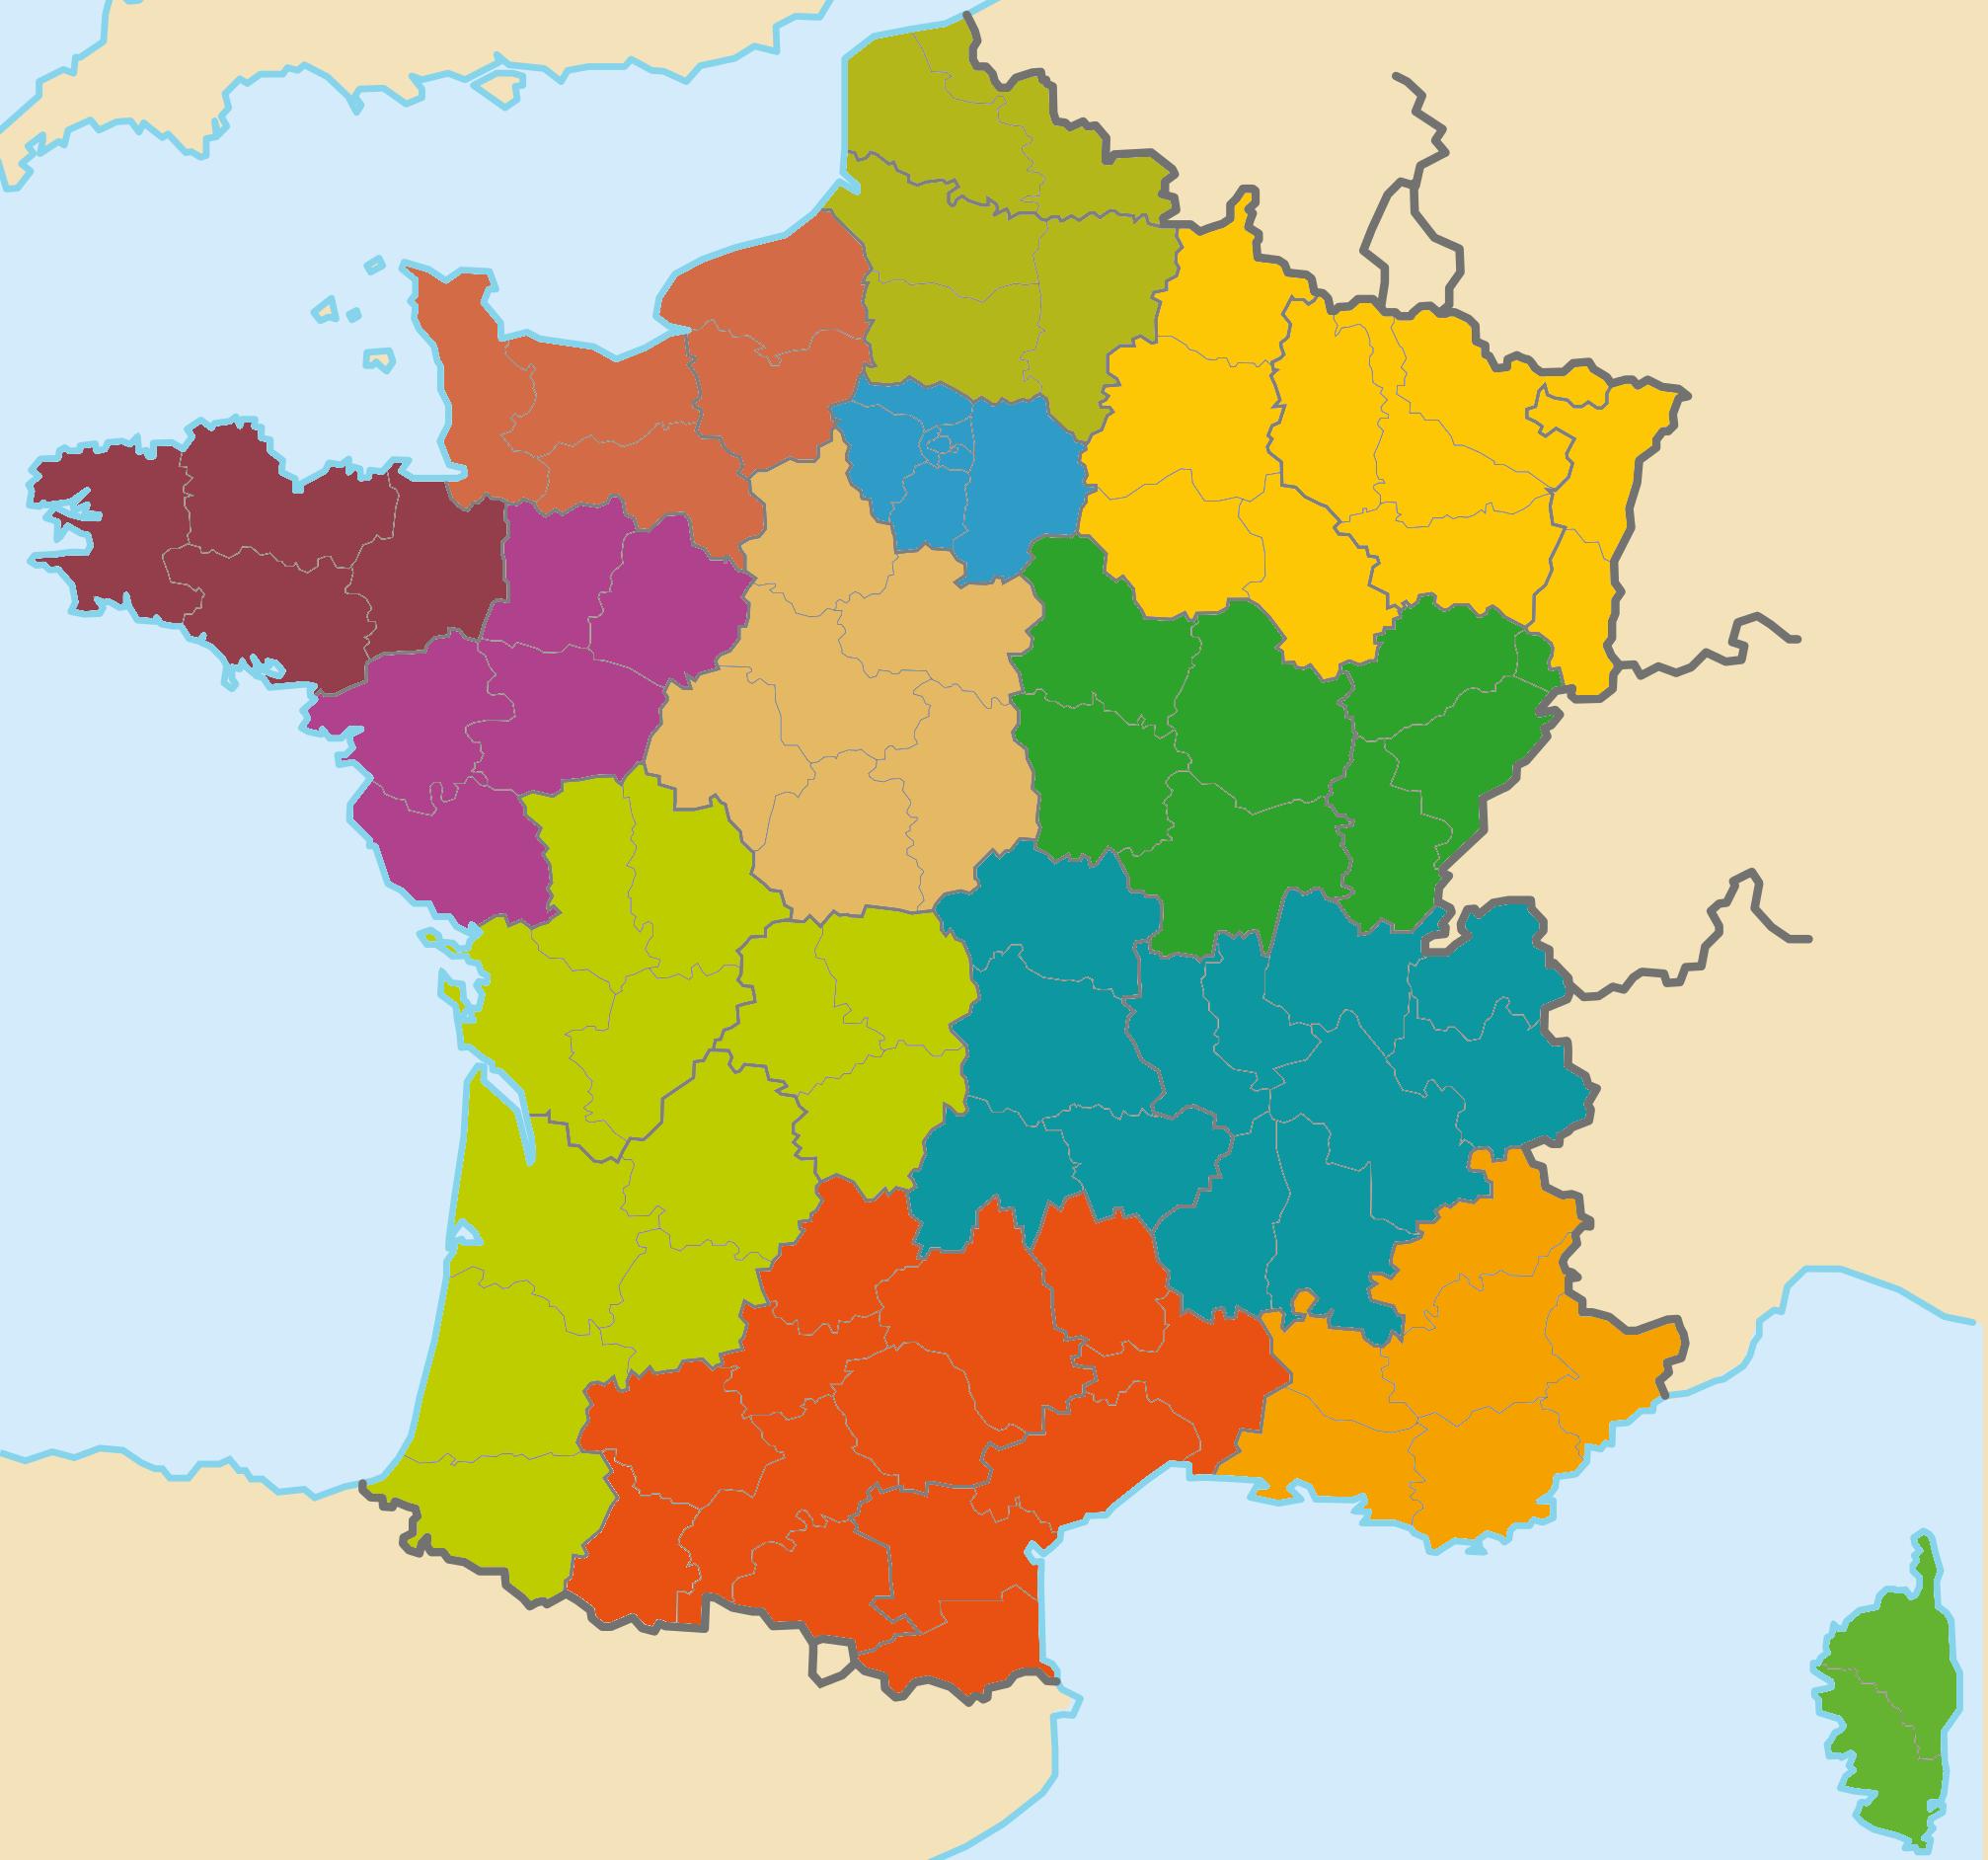 File:les Nouvelles Régions De La France Métropolitaine dedans Les Nouvelles Régions De France